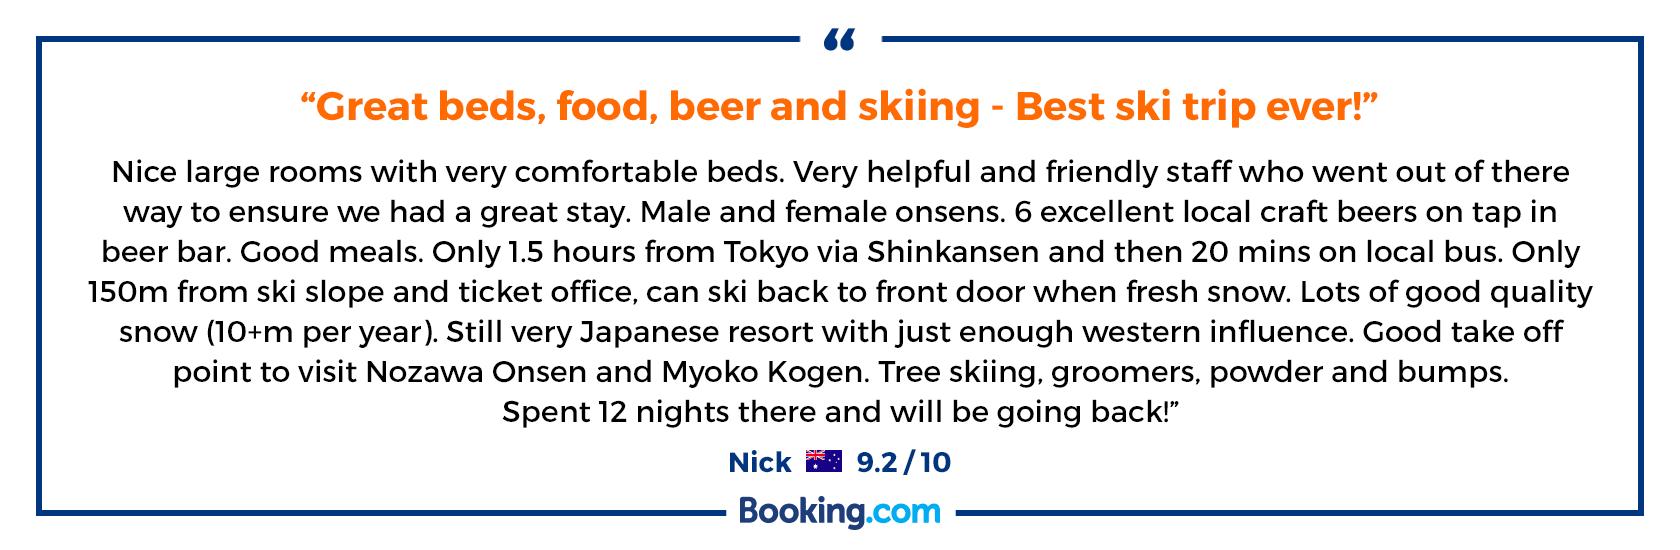 Booking.com_Nick